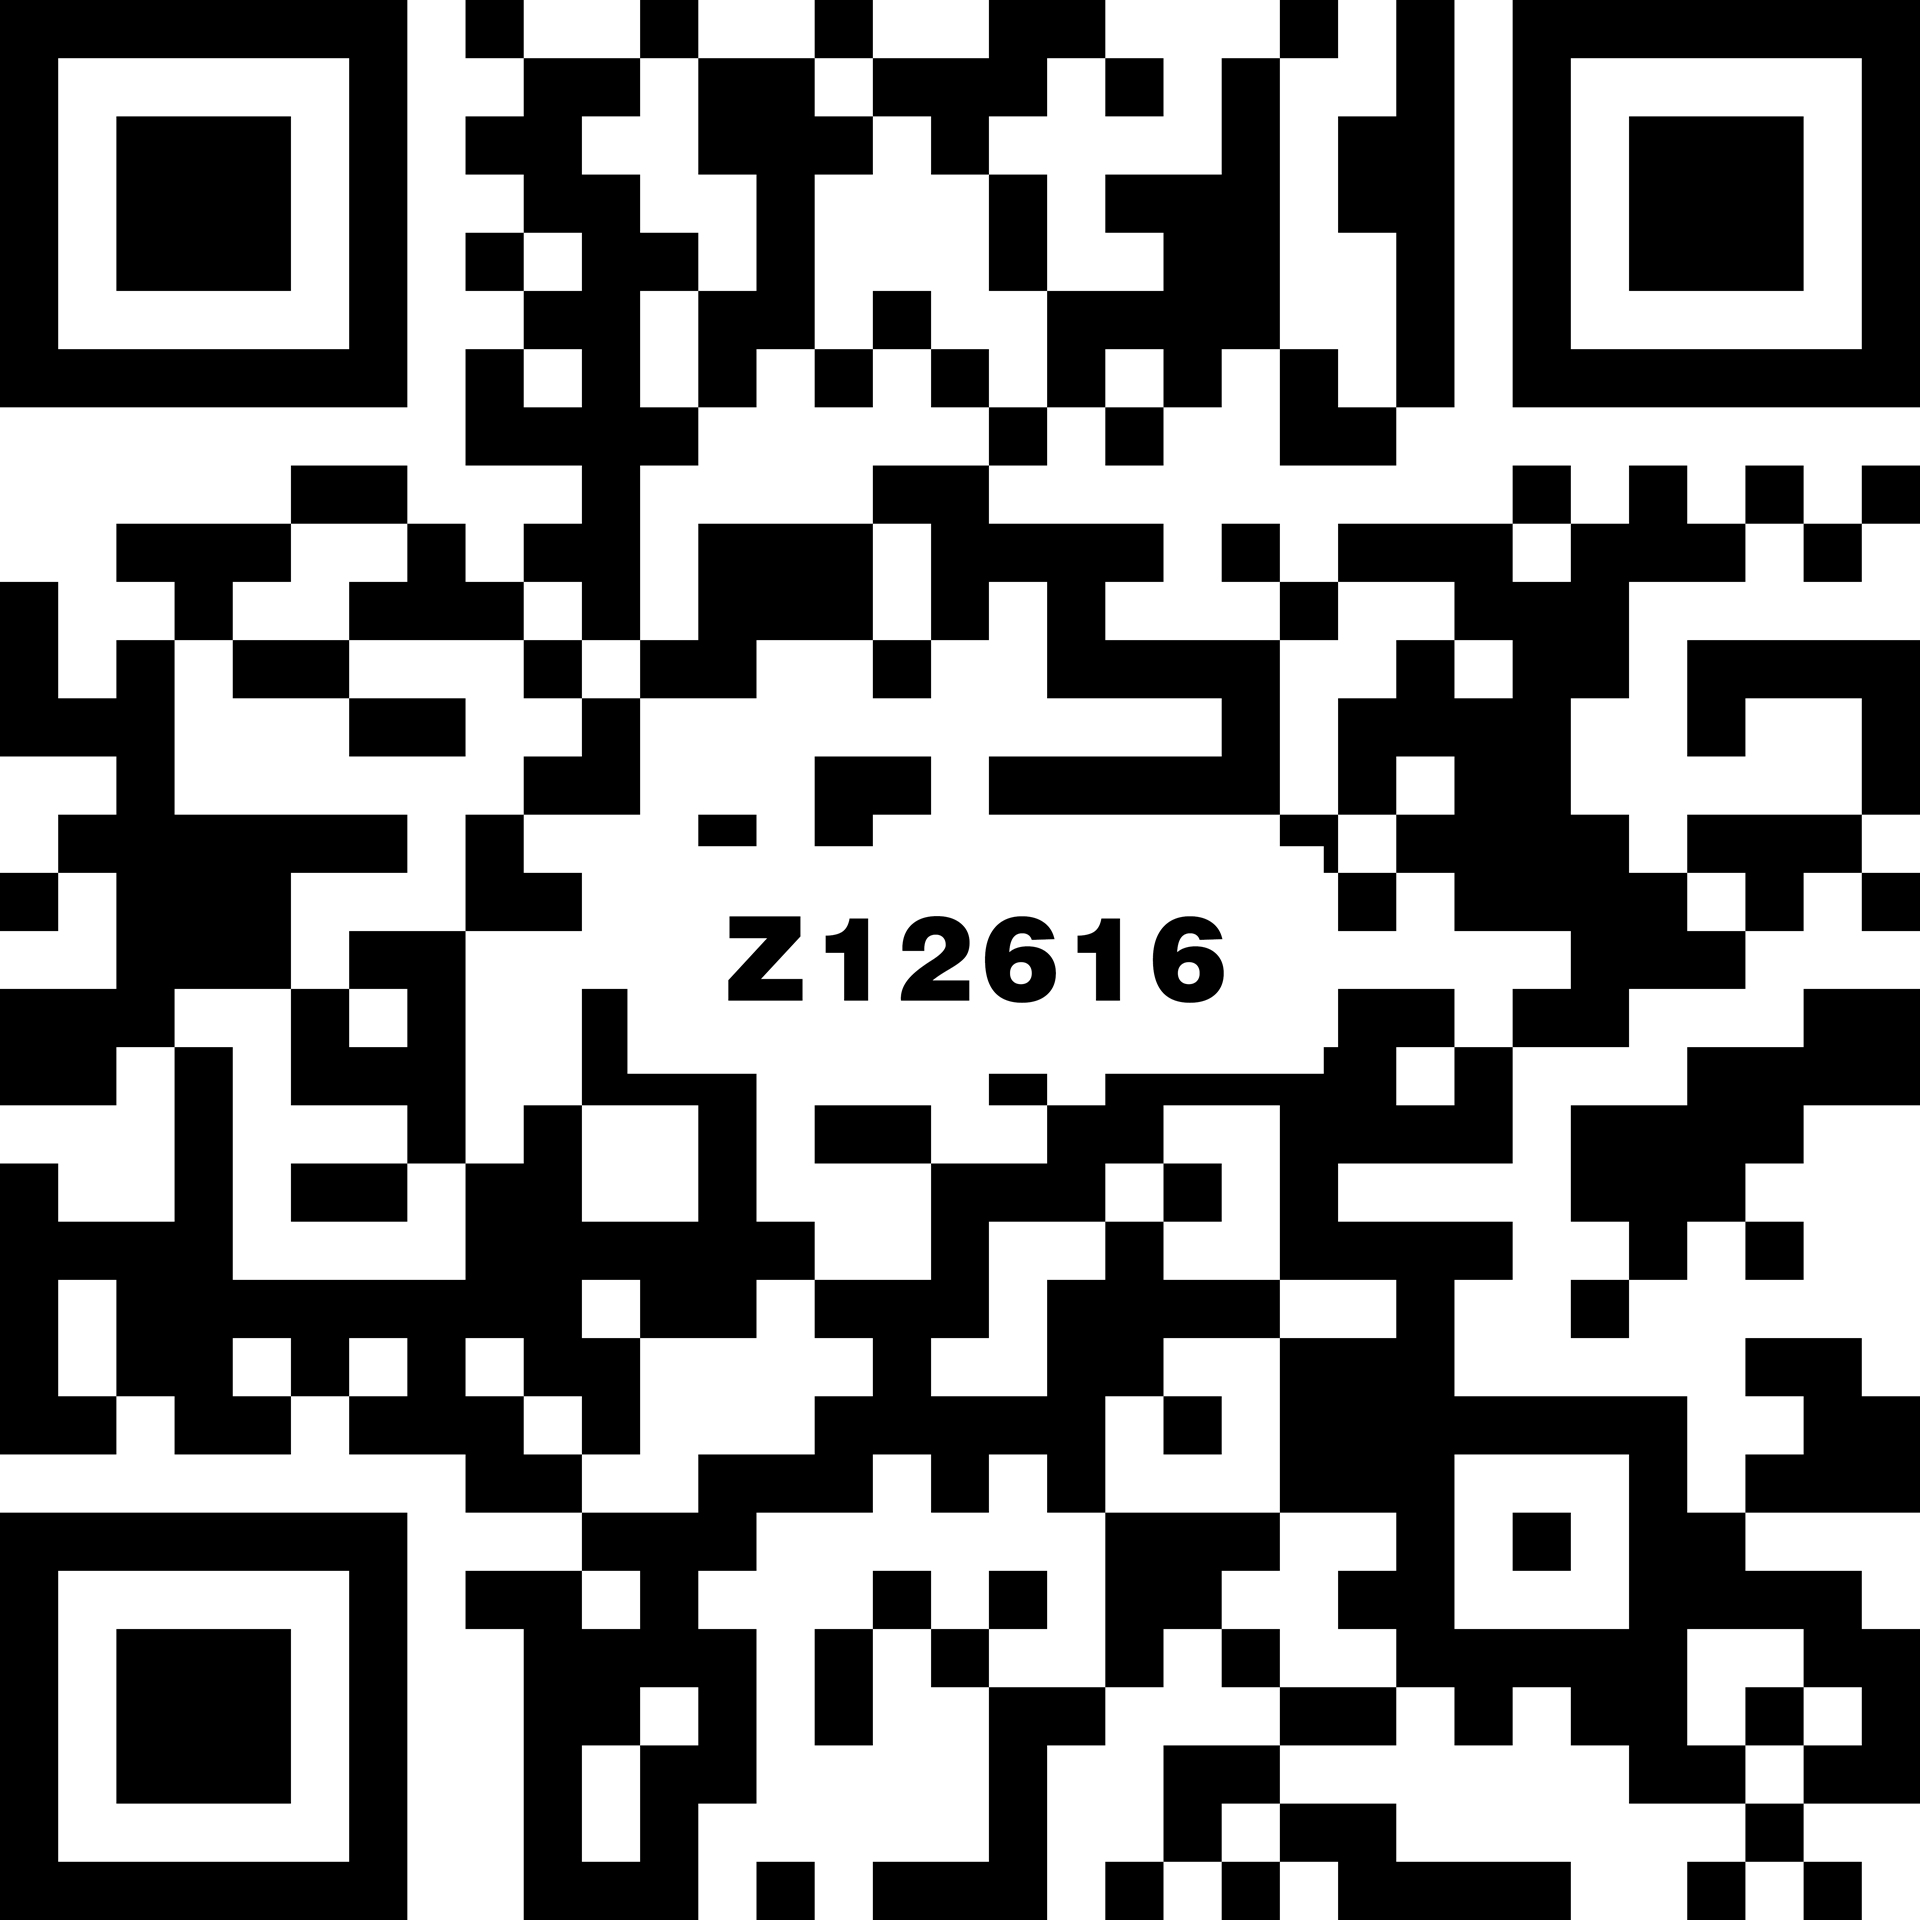 維羅納米黃 Z12616